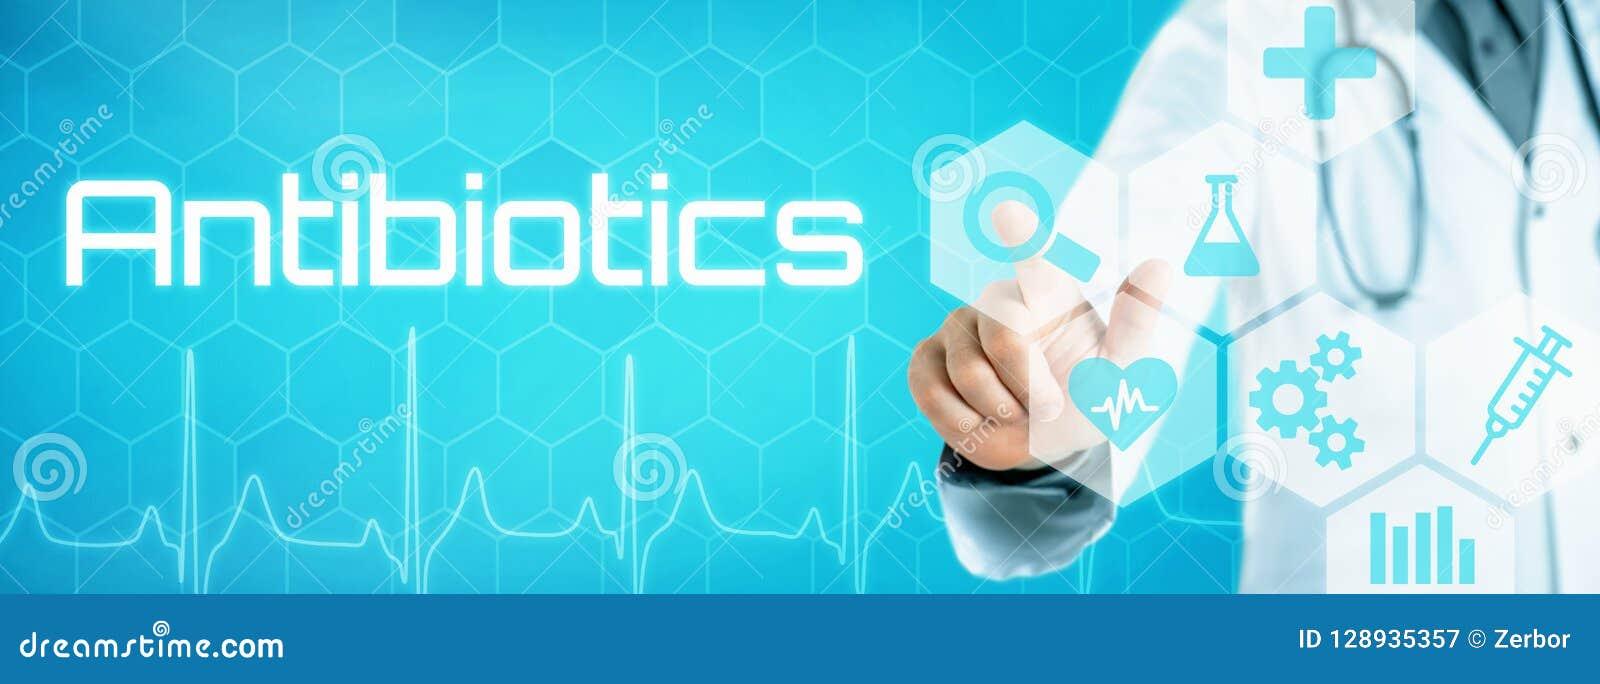 Behandeln Sie das Berühren einer Ikone auf einer futuristischen Schnittstelle - Antibiotika